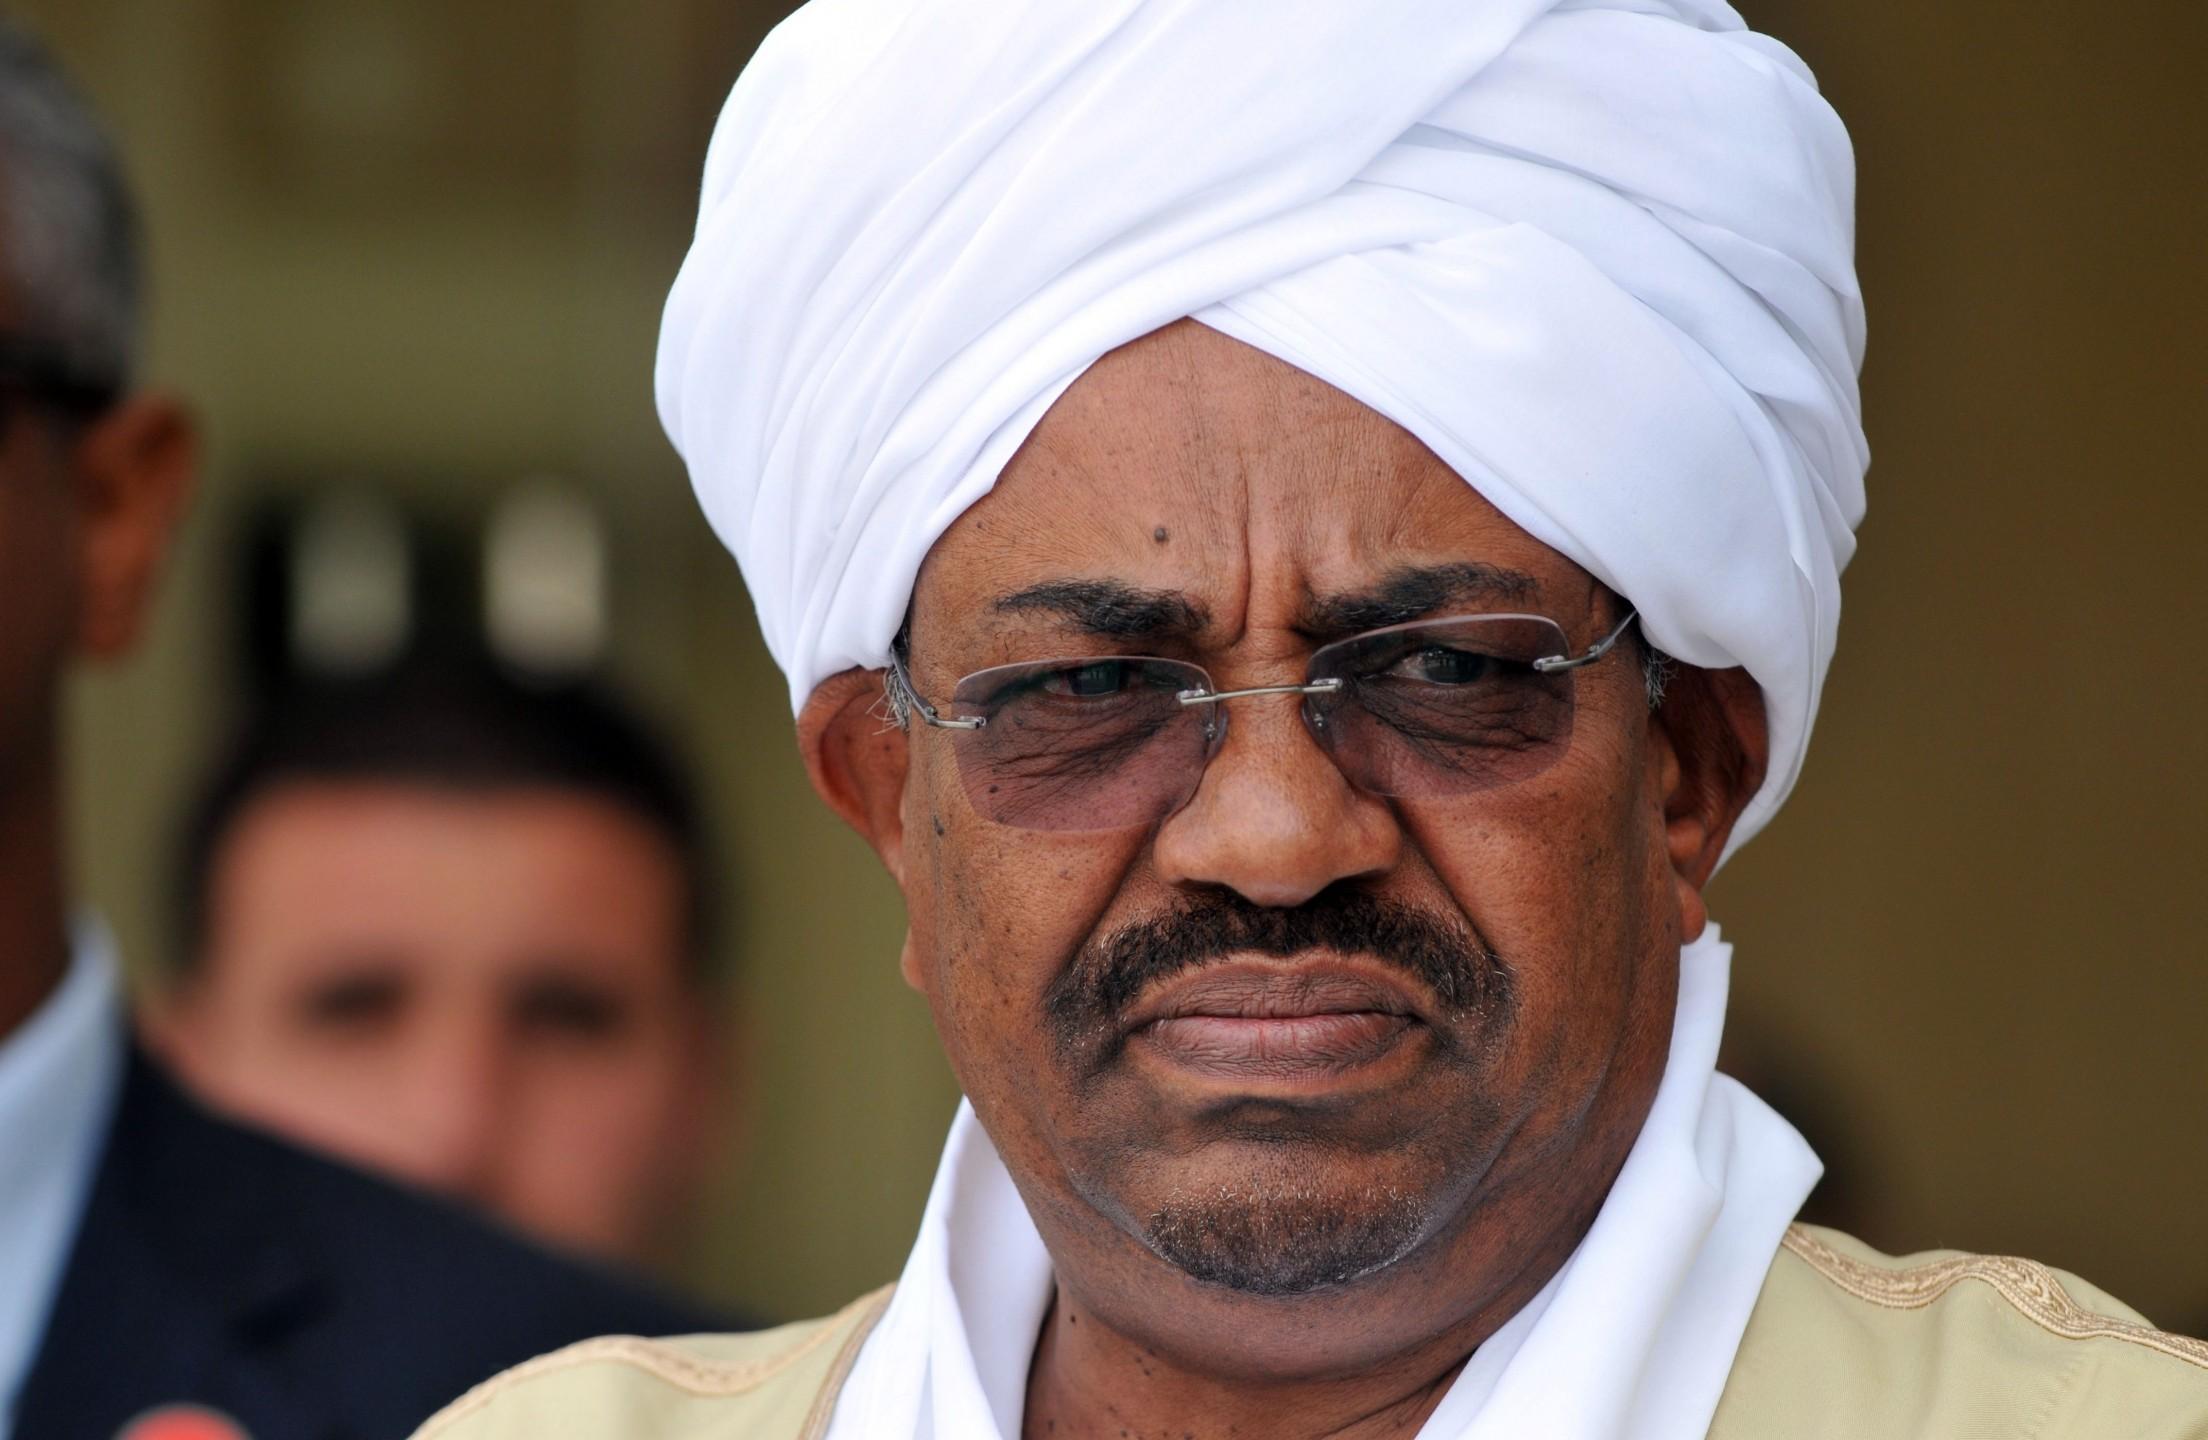 Bashir president van Soedan wordt niet uitgeleverd aan het International Criminal Court in Den Haag